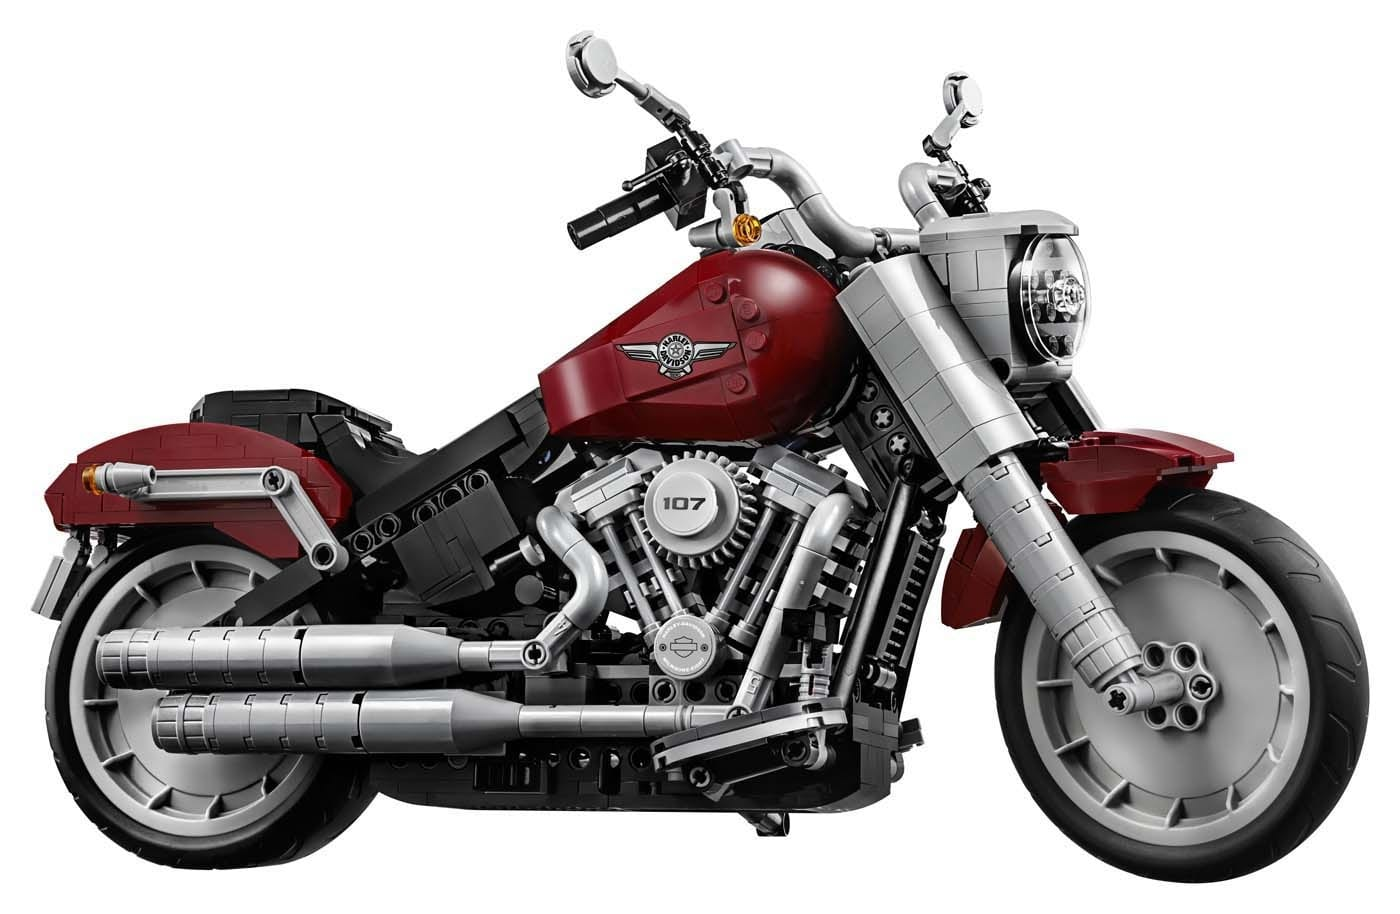 Das Foto zeigt die Harley-Davidson Fat Boy als Lego Bausatz